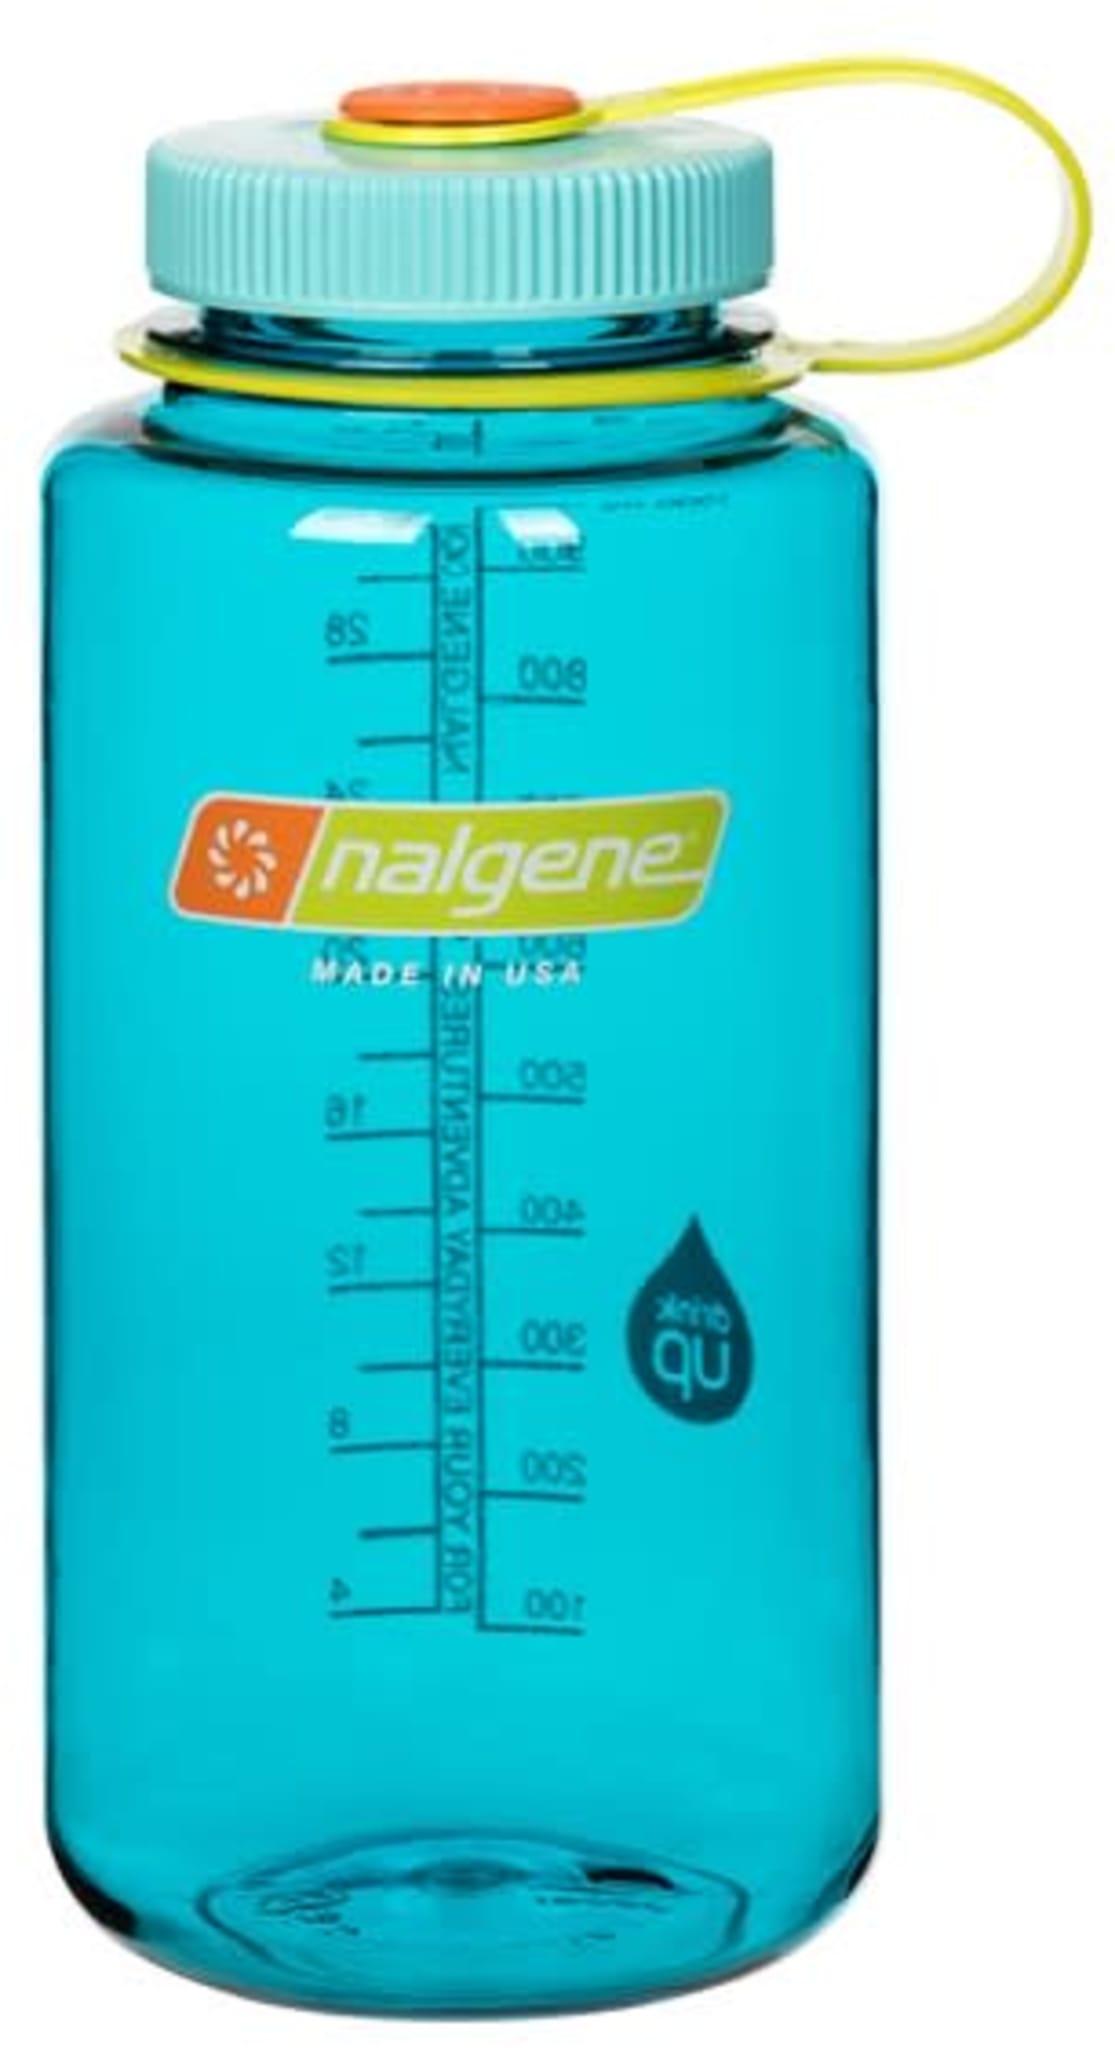 Drikkeflaske med stor åpning og volum på 1 liter.